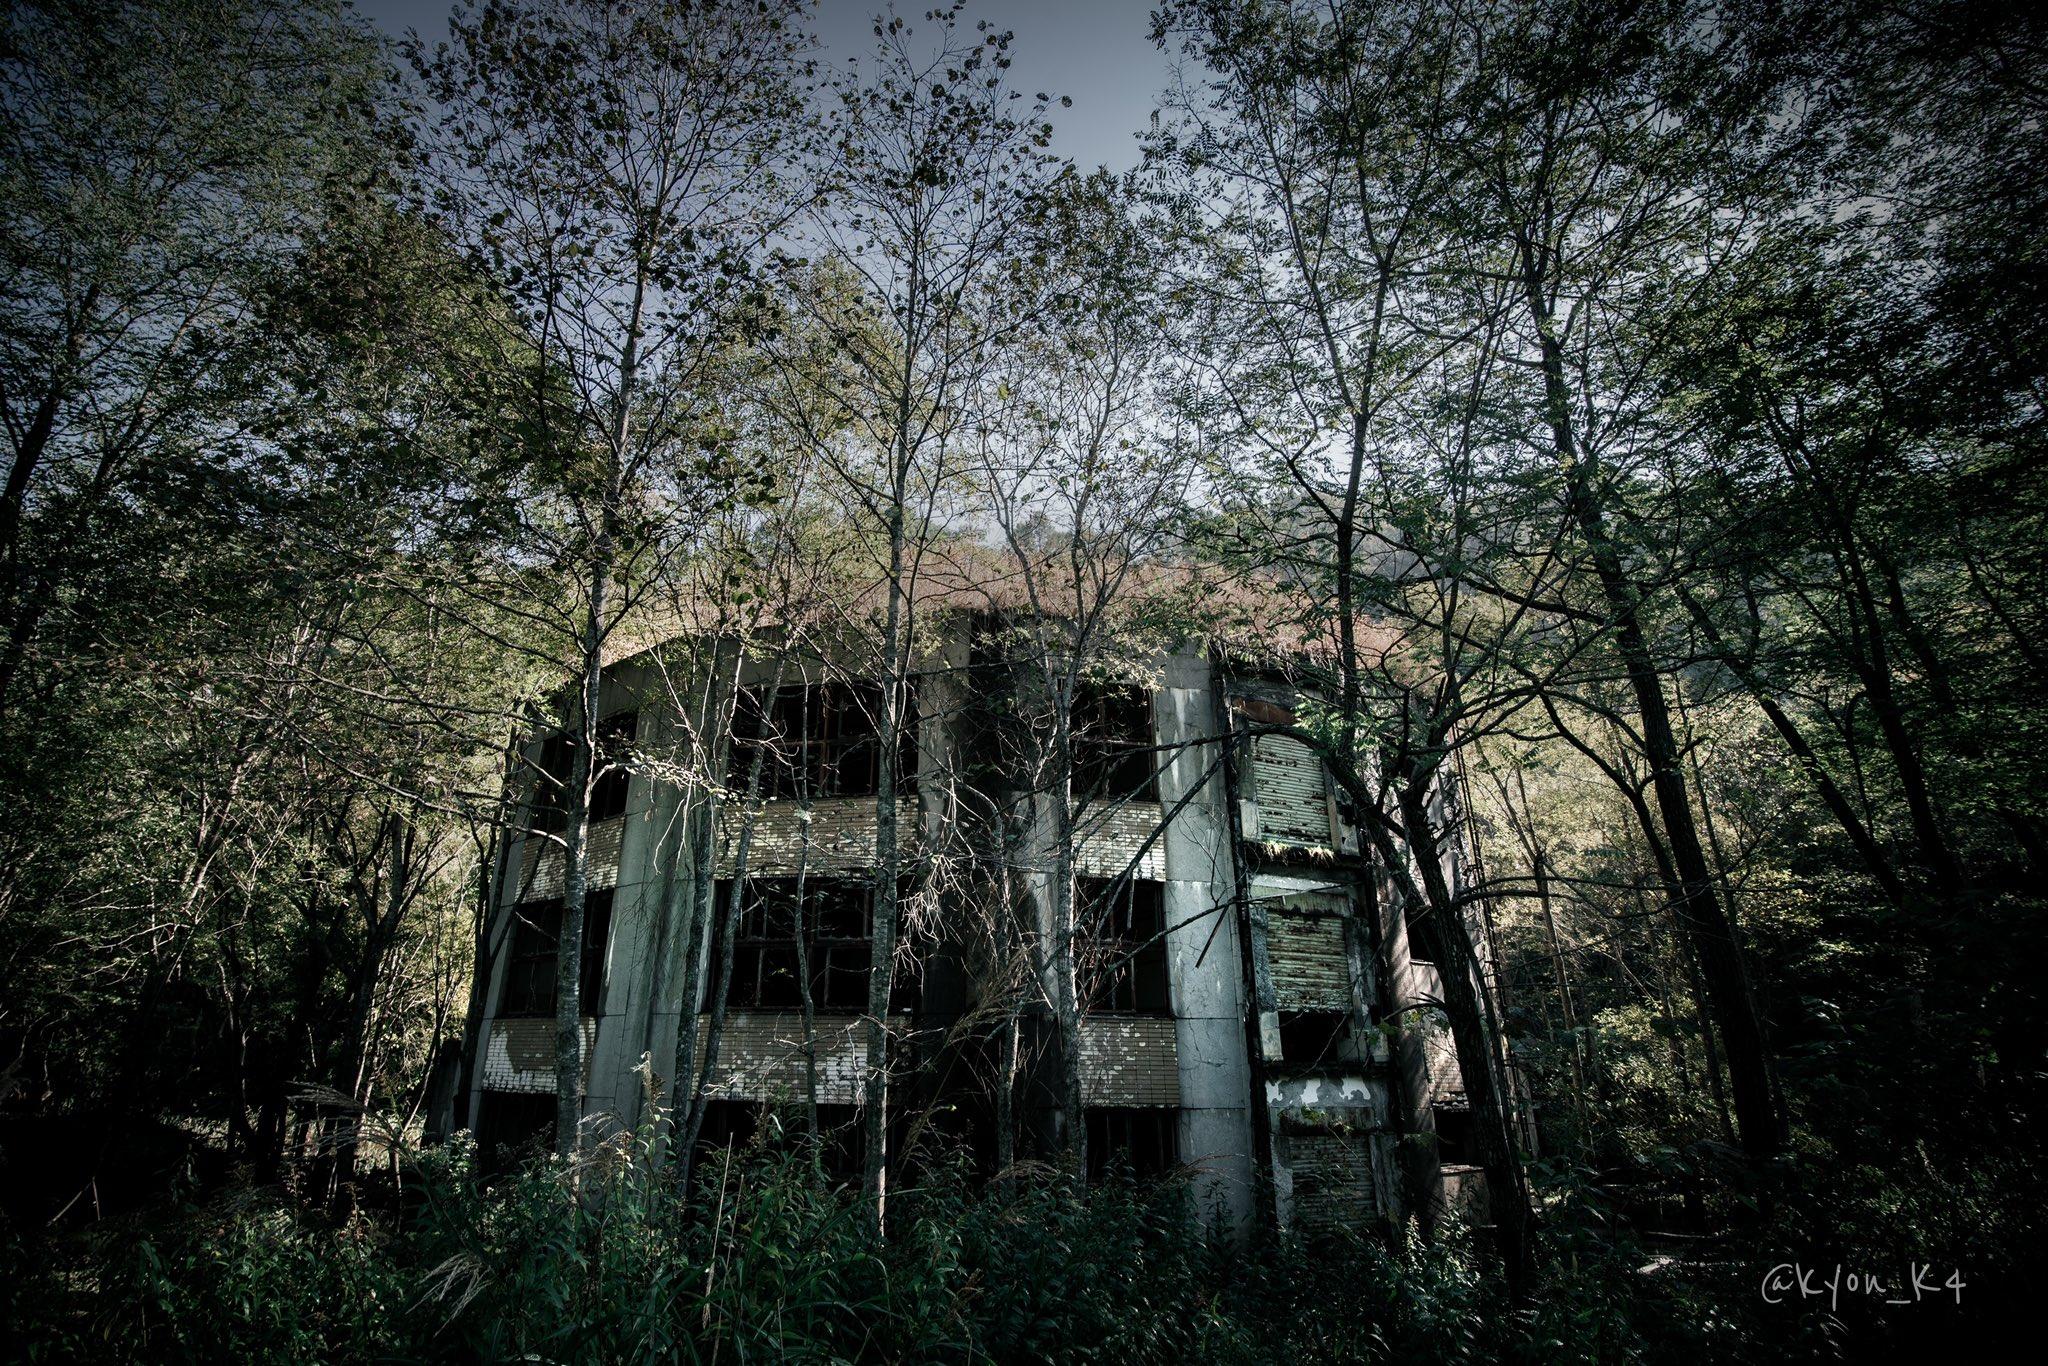 小學「荒廢50年」被大自然佔領!他拍下「教室被森林吞噬」網驚:是天空之城